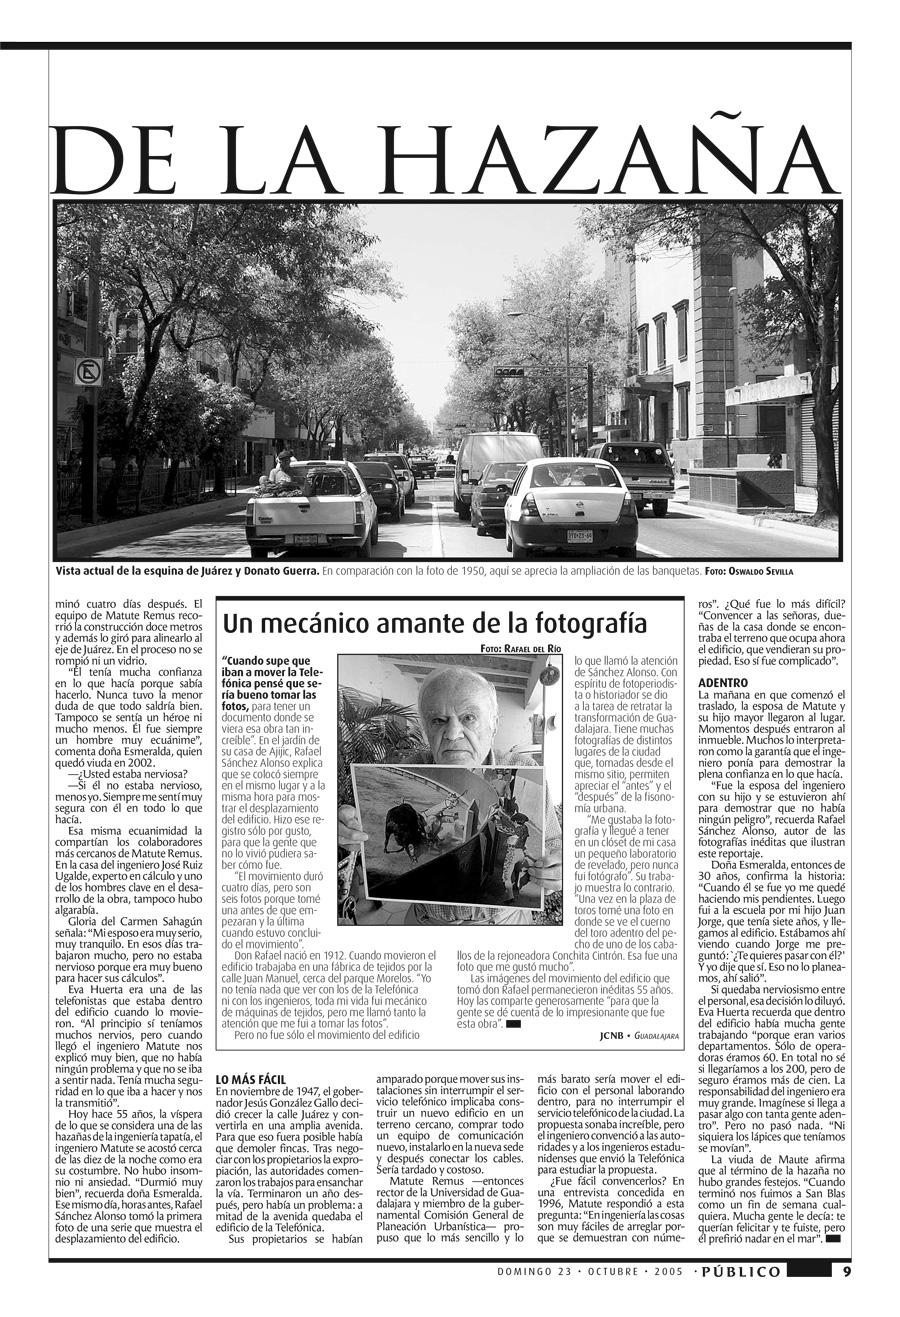 Reportaje de Juan Carlos Núñez Bustillos publicado en Público-Milenio el 23 de octubre de 2005. Fotografías originales de Rafael Sánchez Alonso. Infografía de Álvaro Merlos y José Soto Galindo.